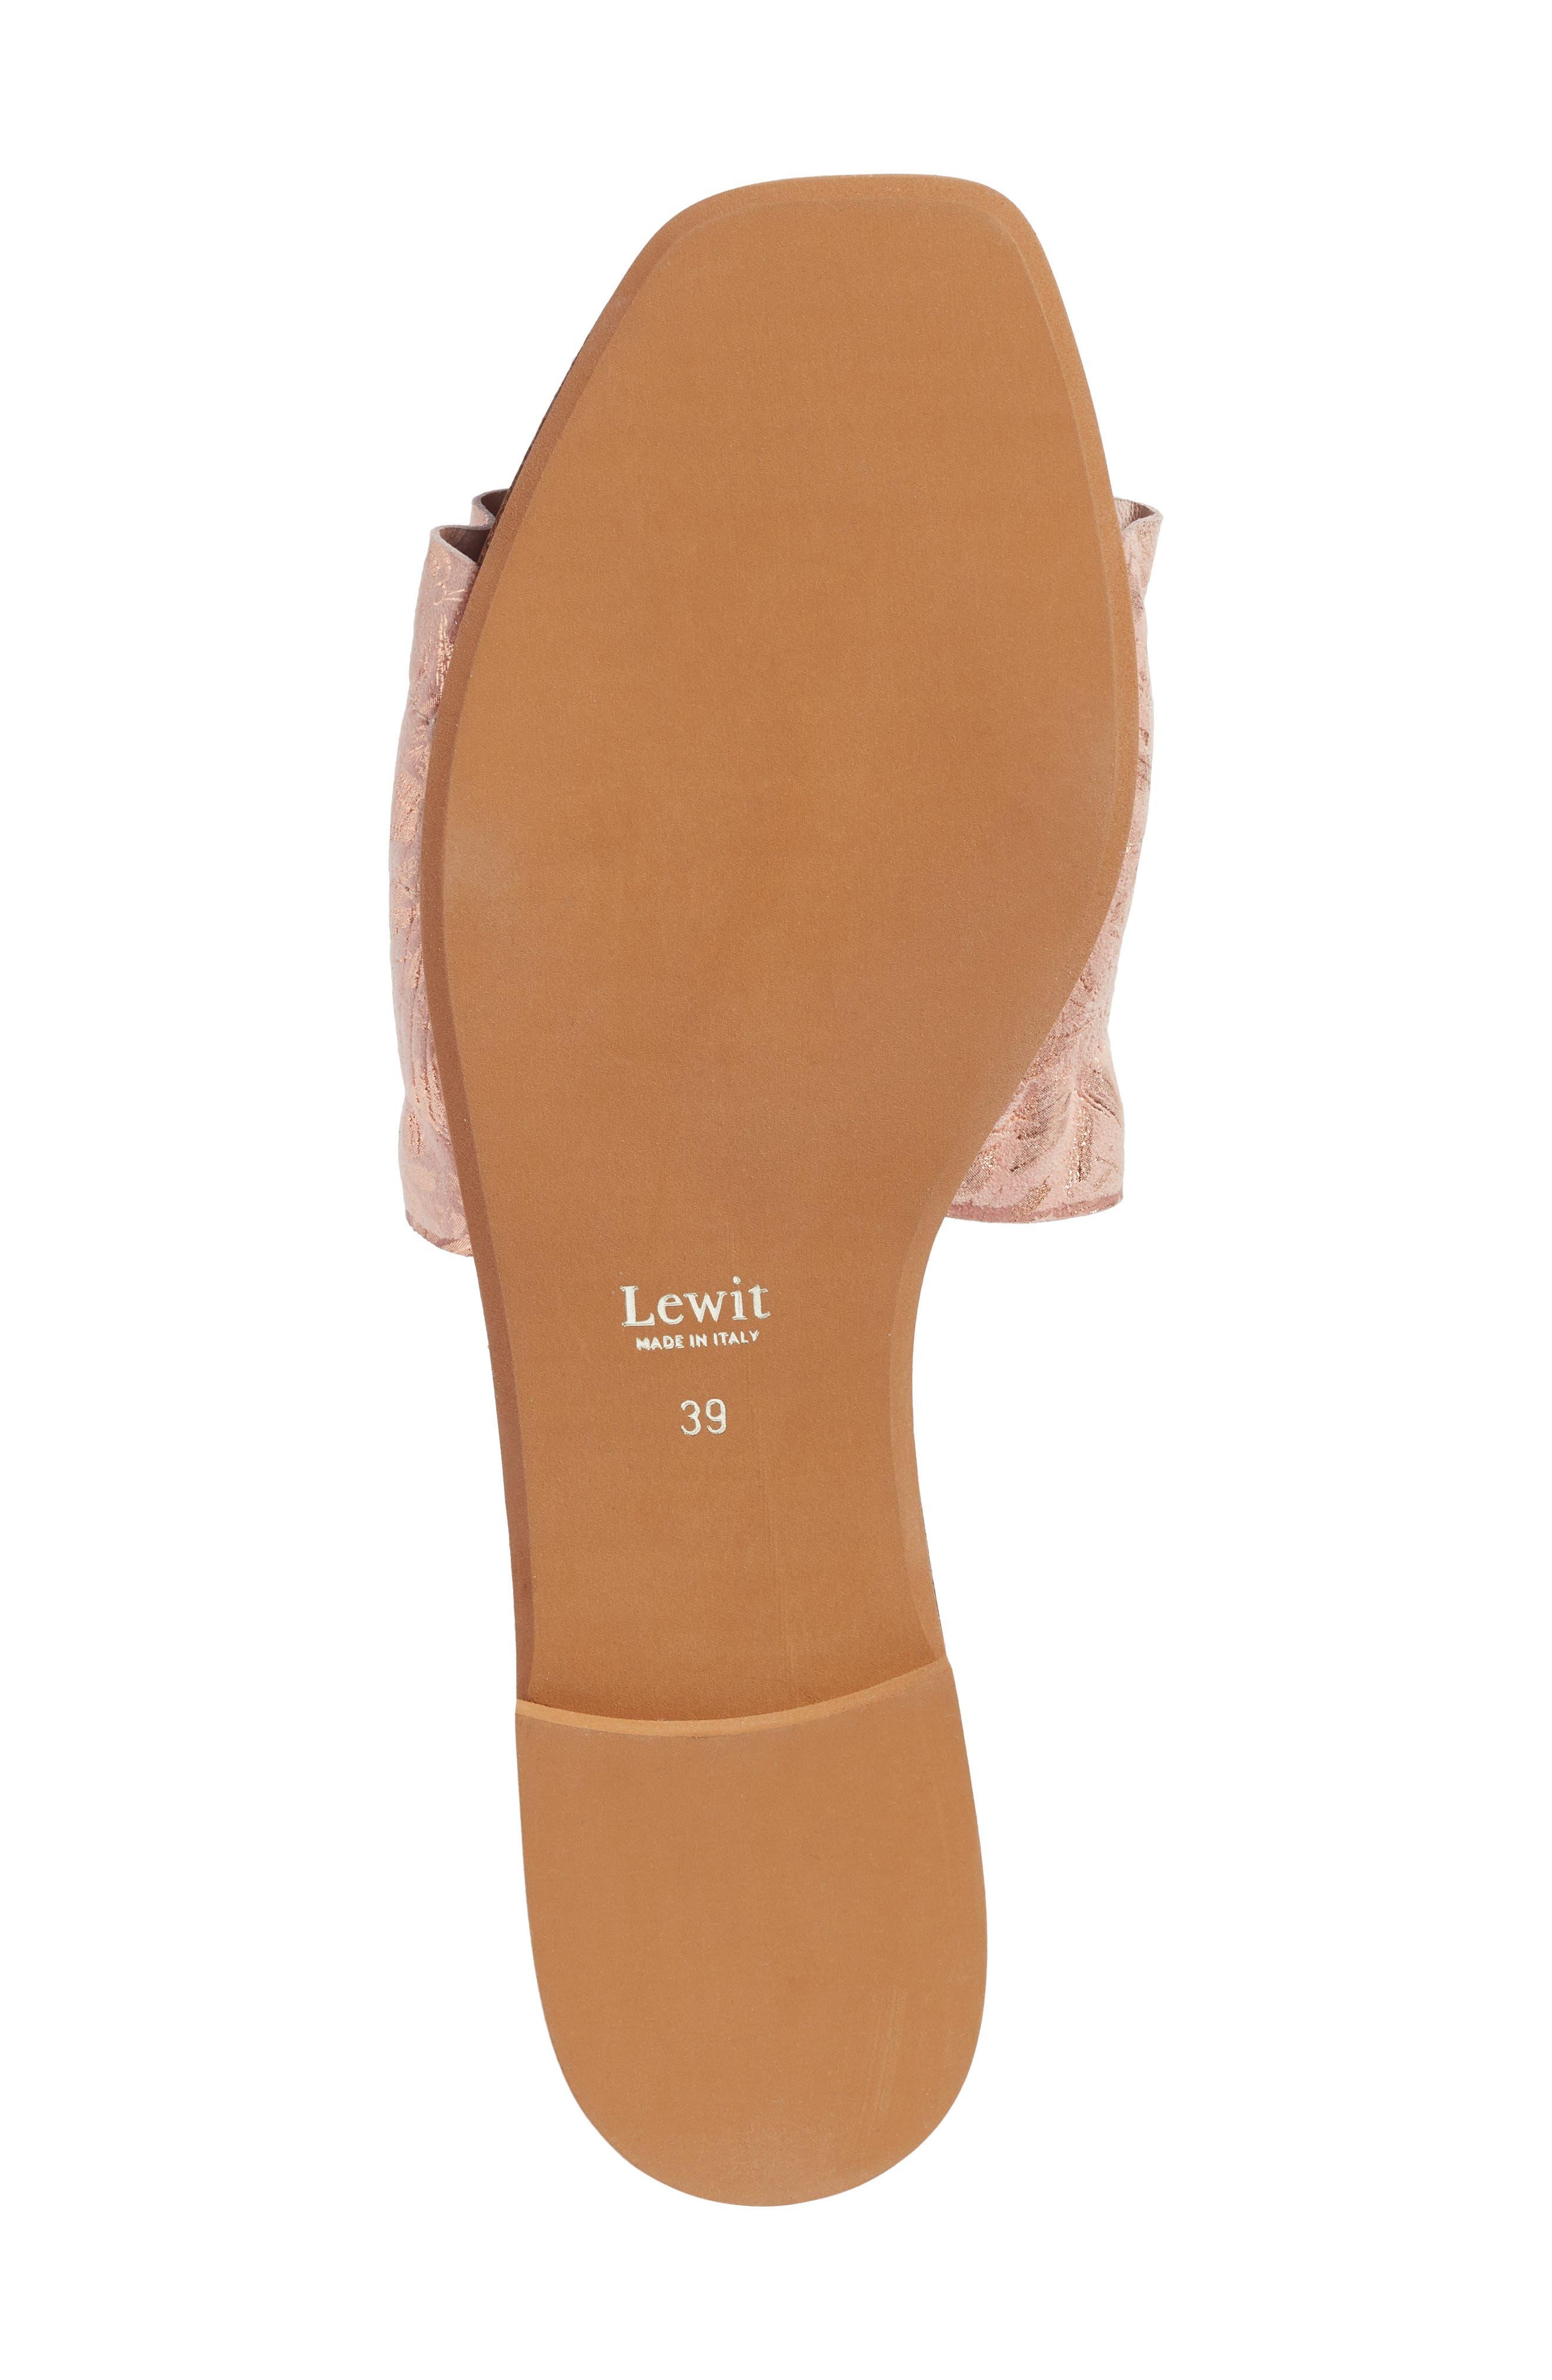 Cassandra Ruffle Slide Sandal,                             Alternate thumbnail 6, color,                             Rose Gold Leather